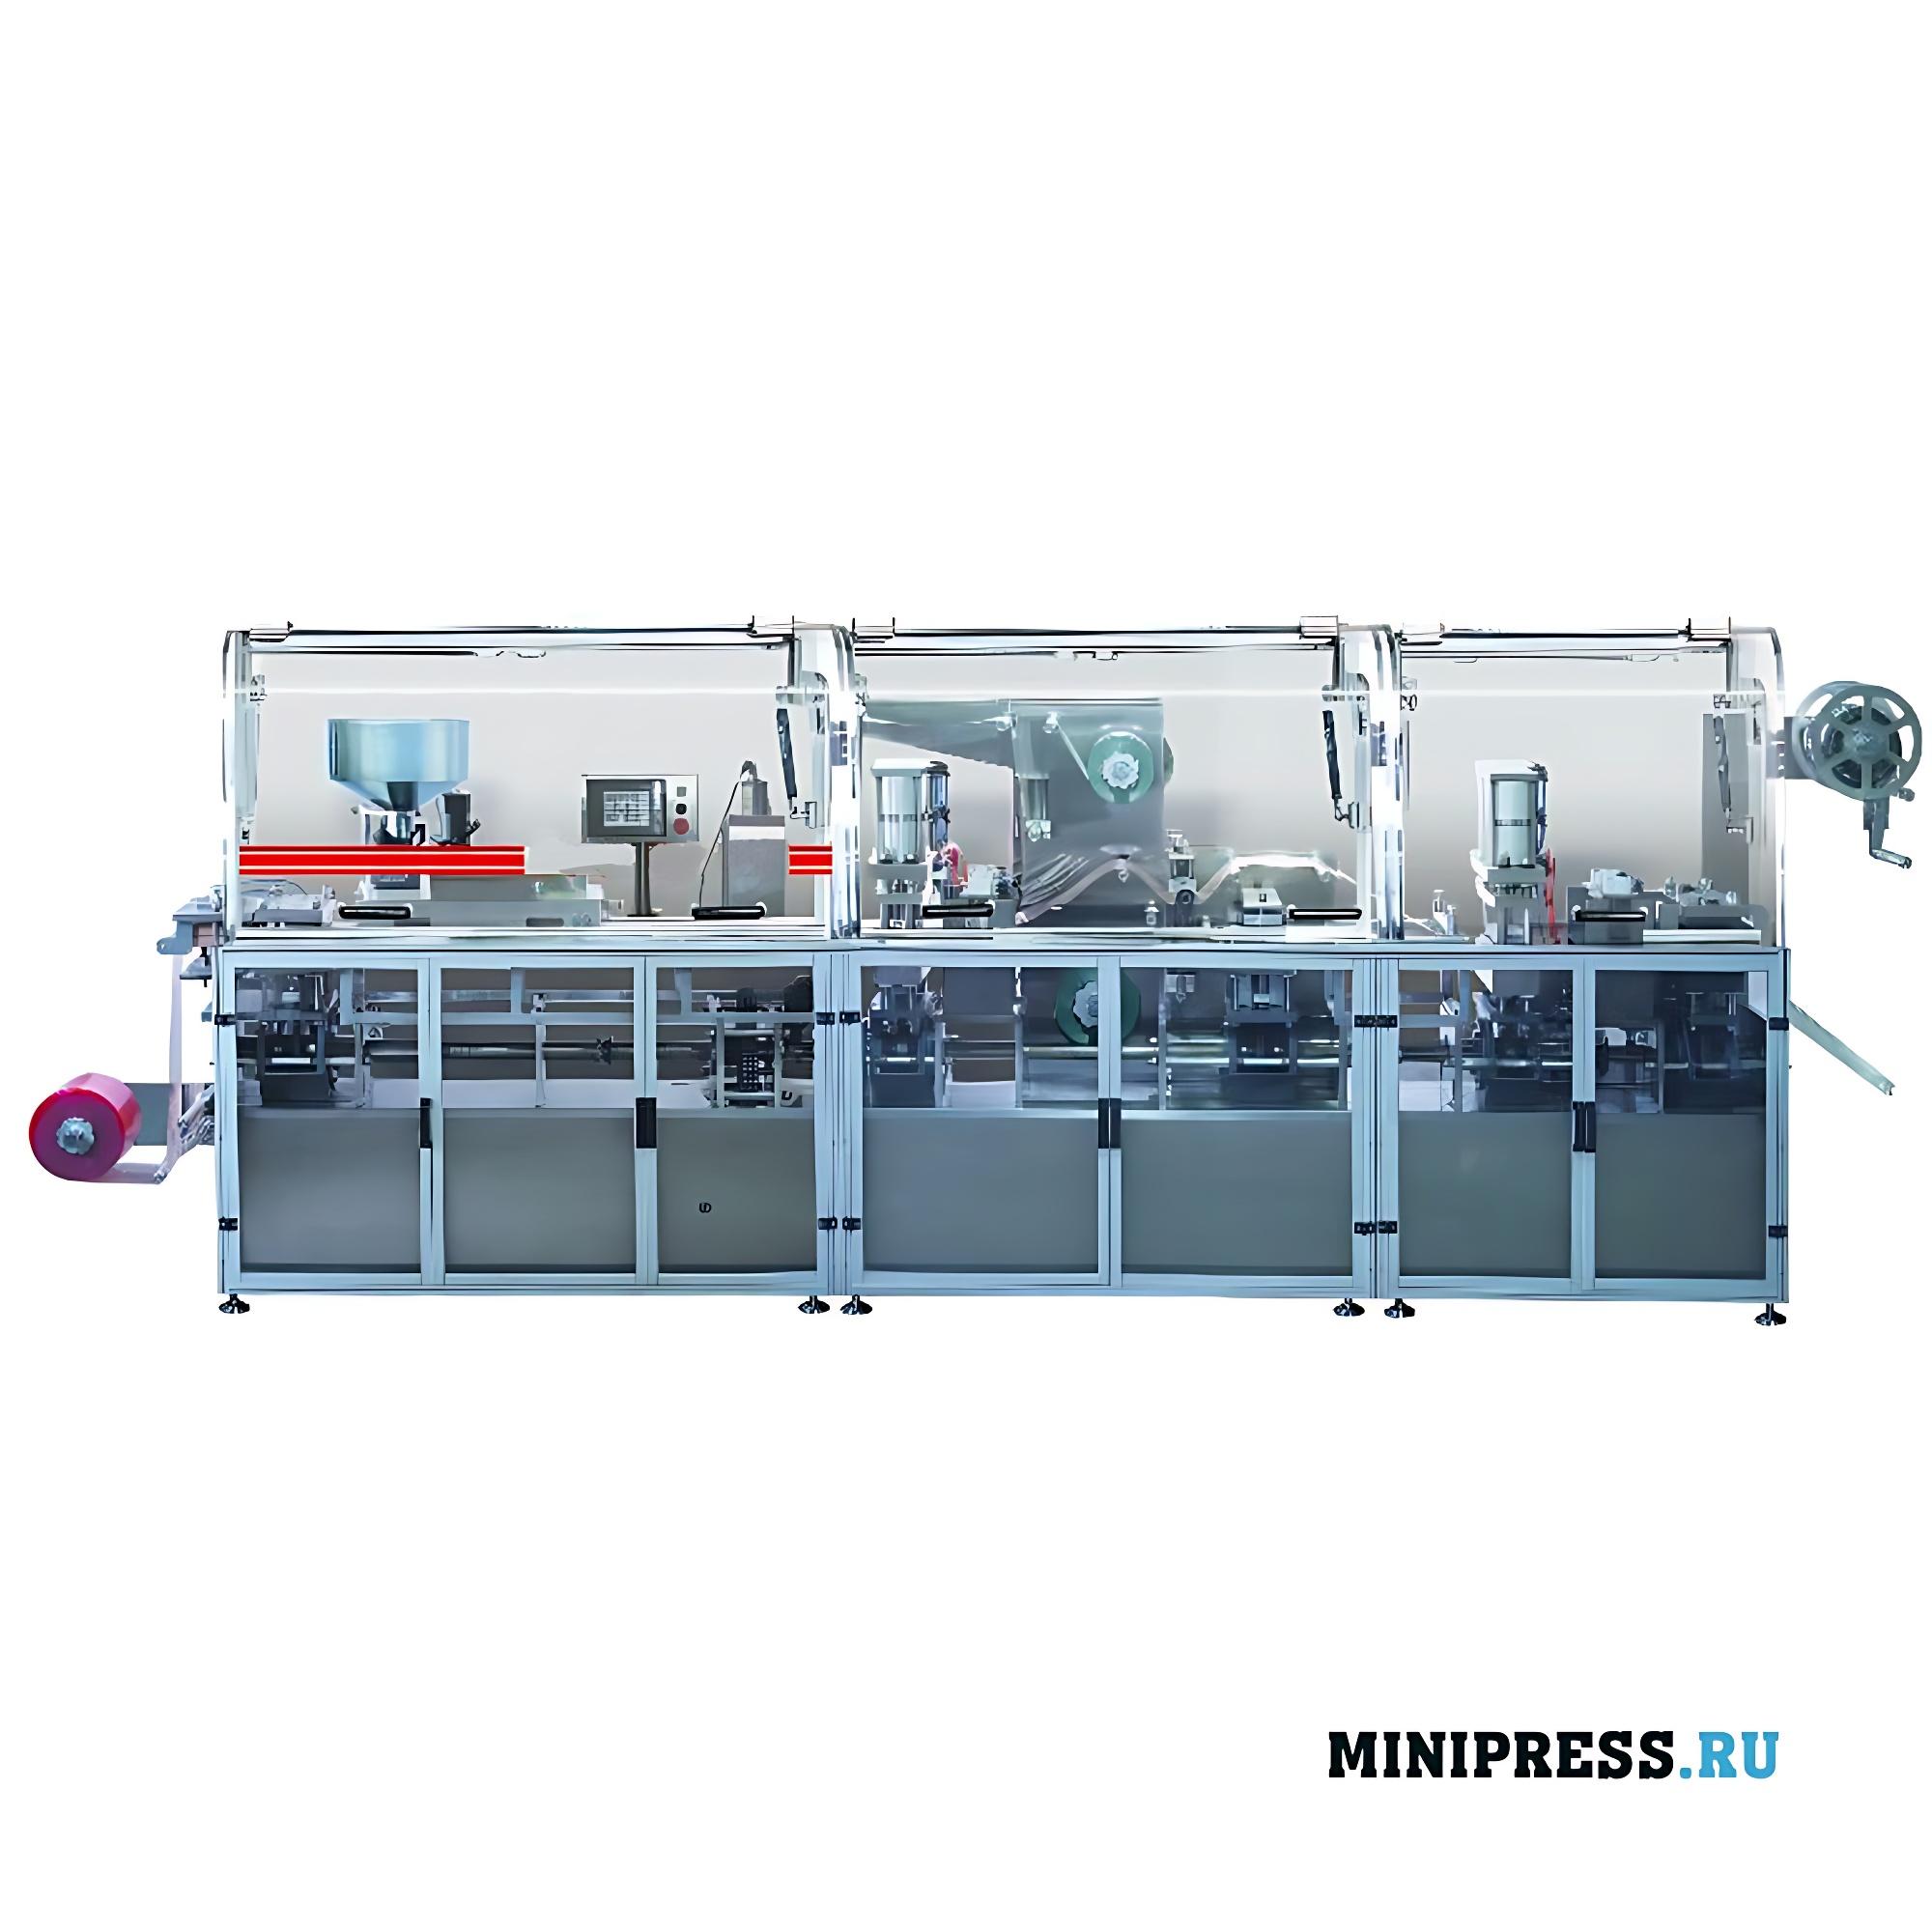 Автоматическая упаковочная блистерная машина Алюминий-Алюминий/Алюминий-ПВХ